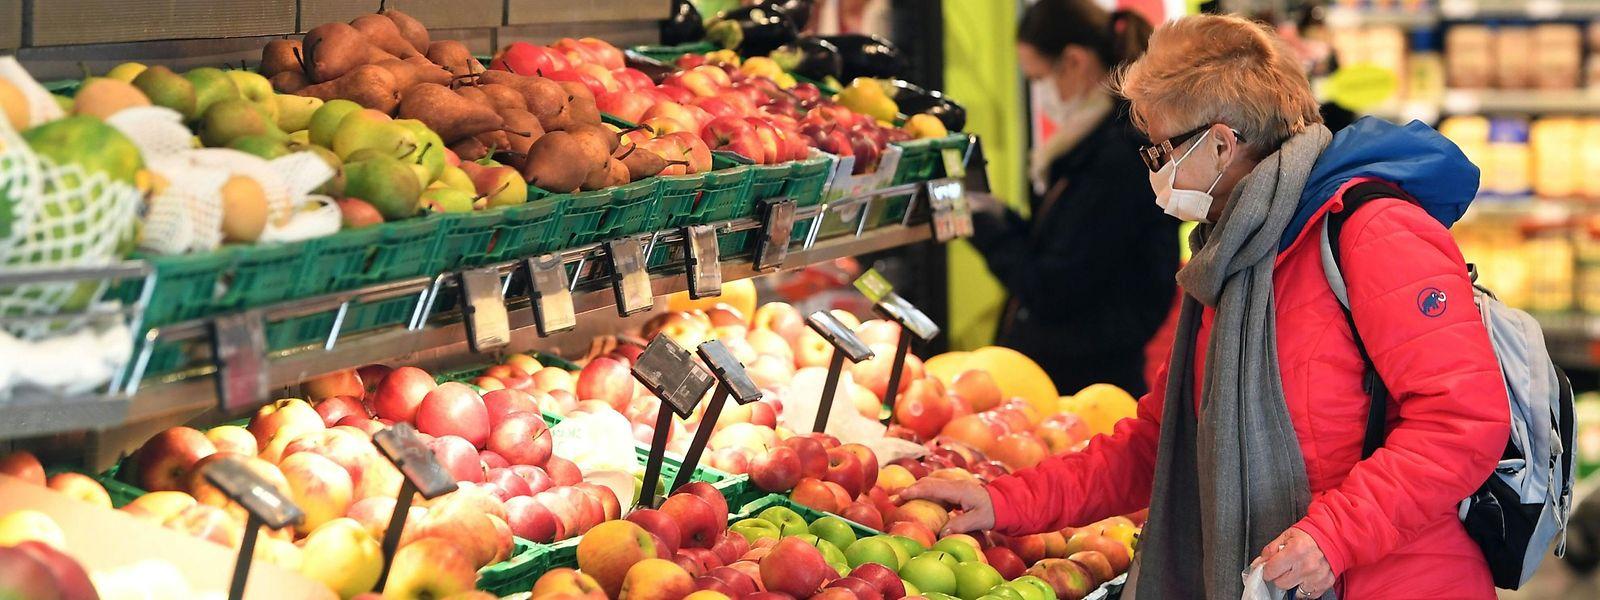 Der Mundschutz wird, zumindest in Supermärkten in Österreich, zur Normalität.